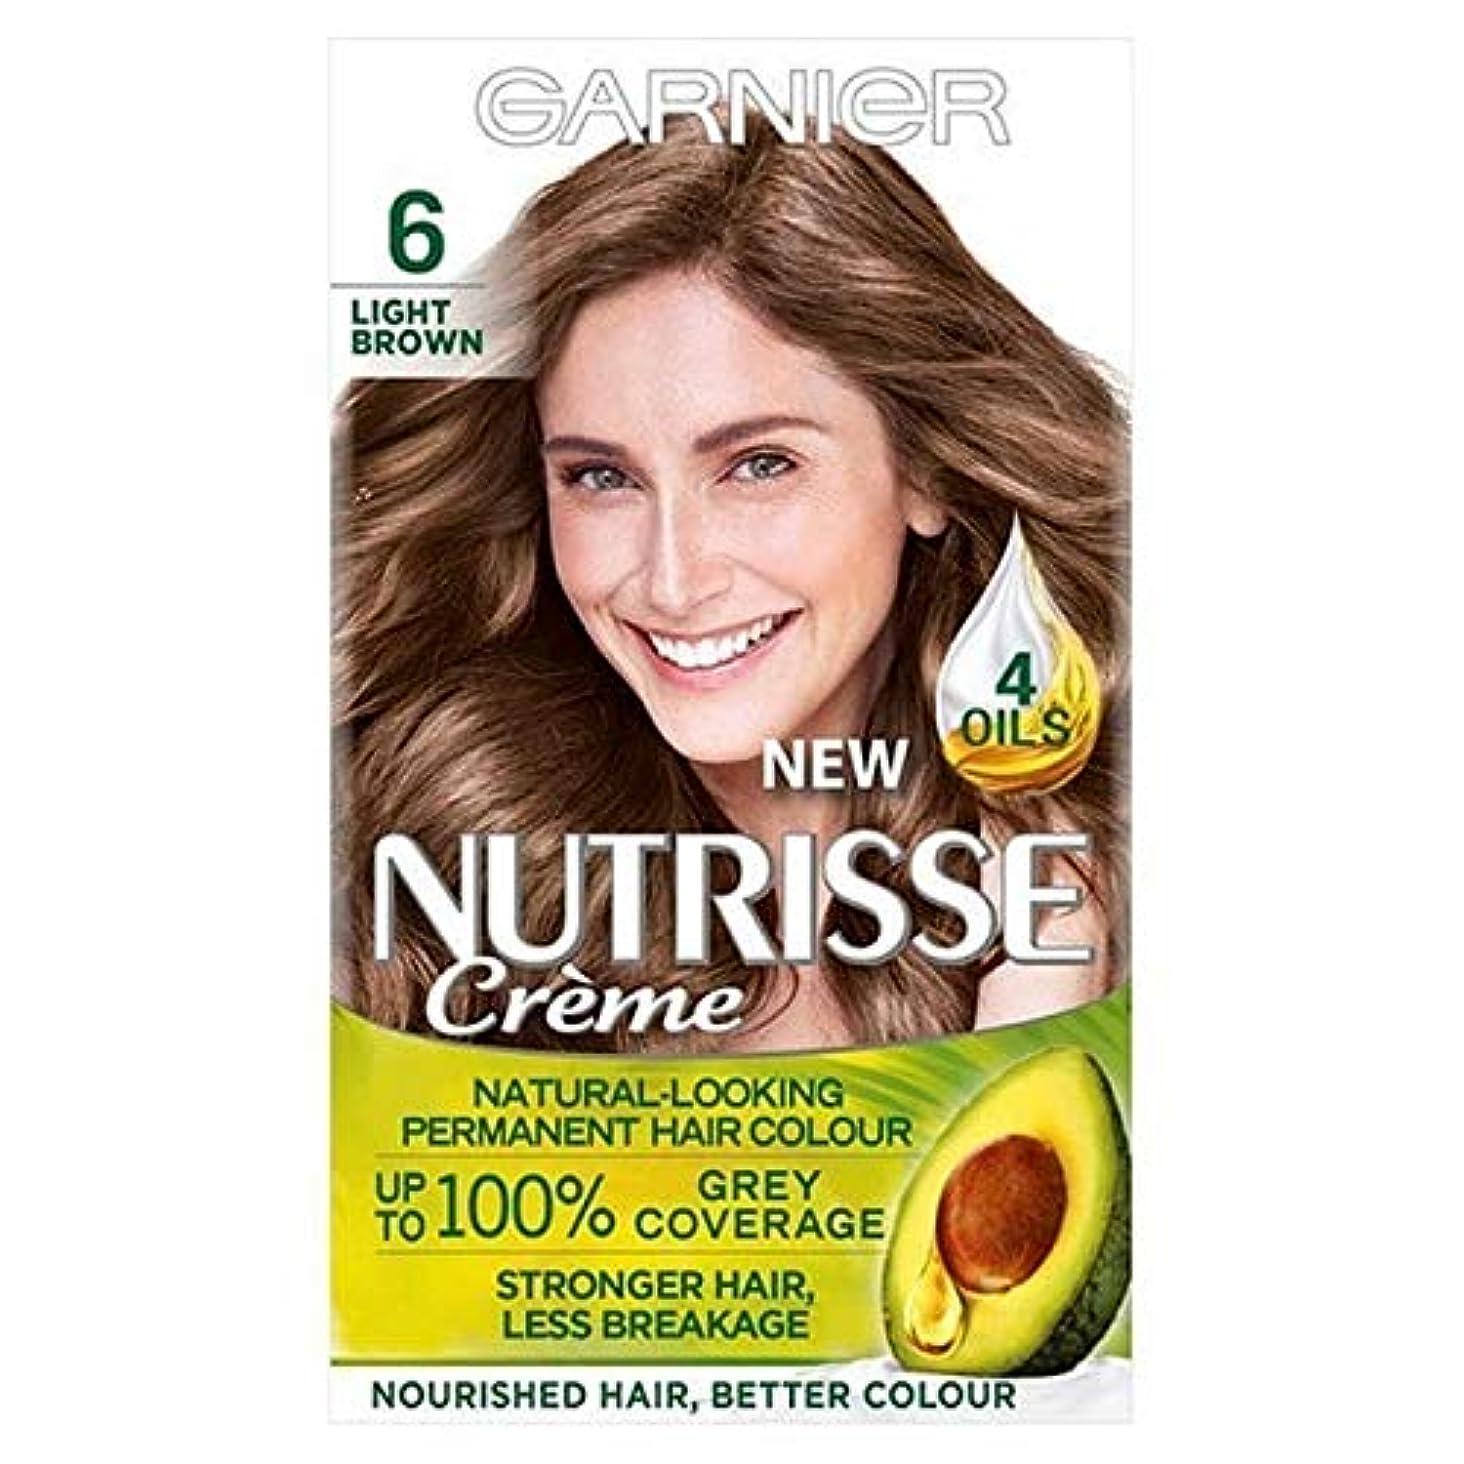 戦士明らかバン[Garnier ] ガルニエNutrisse永久的な毛髪染料ライトブラウン6 - Garnier Nutrisse Permanent Hair Dye Light Brown 6 [並行輸入品]